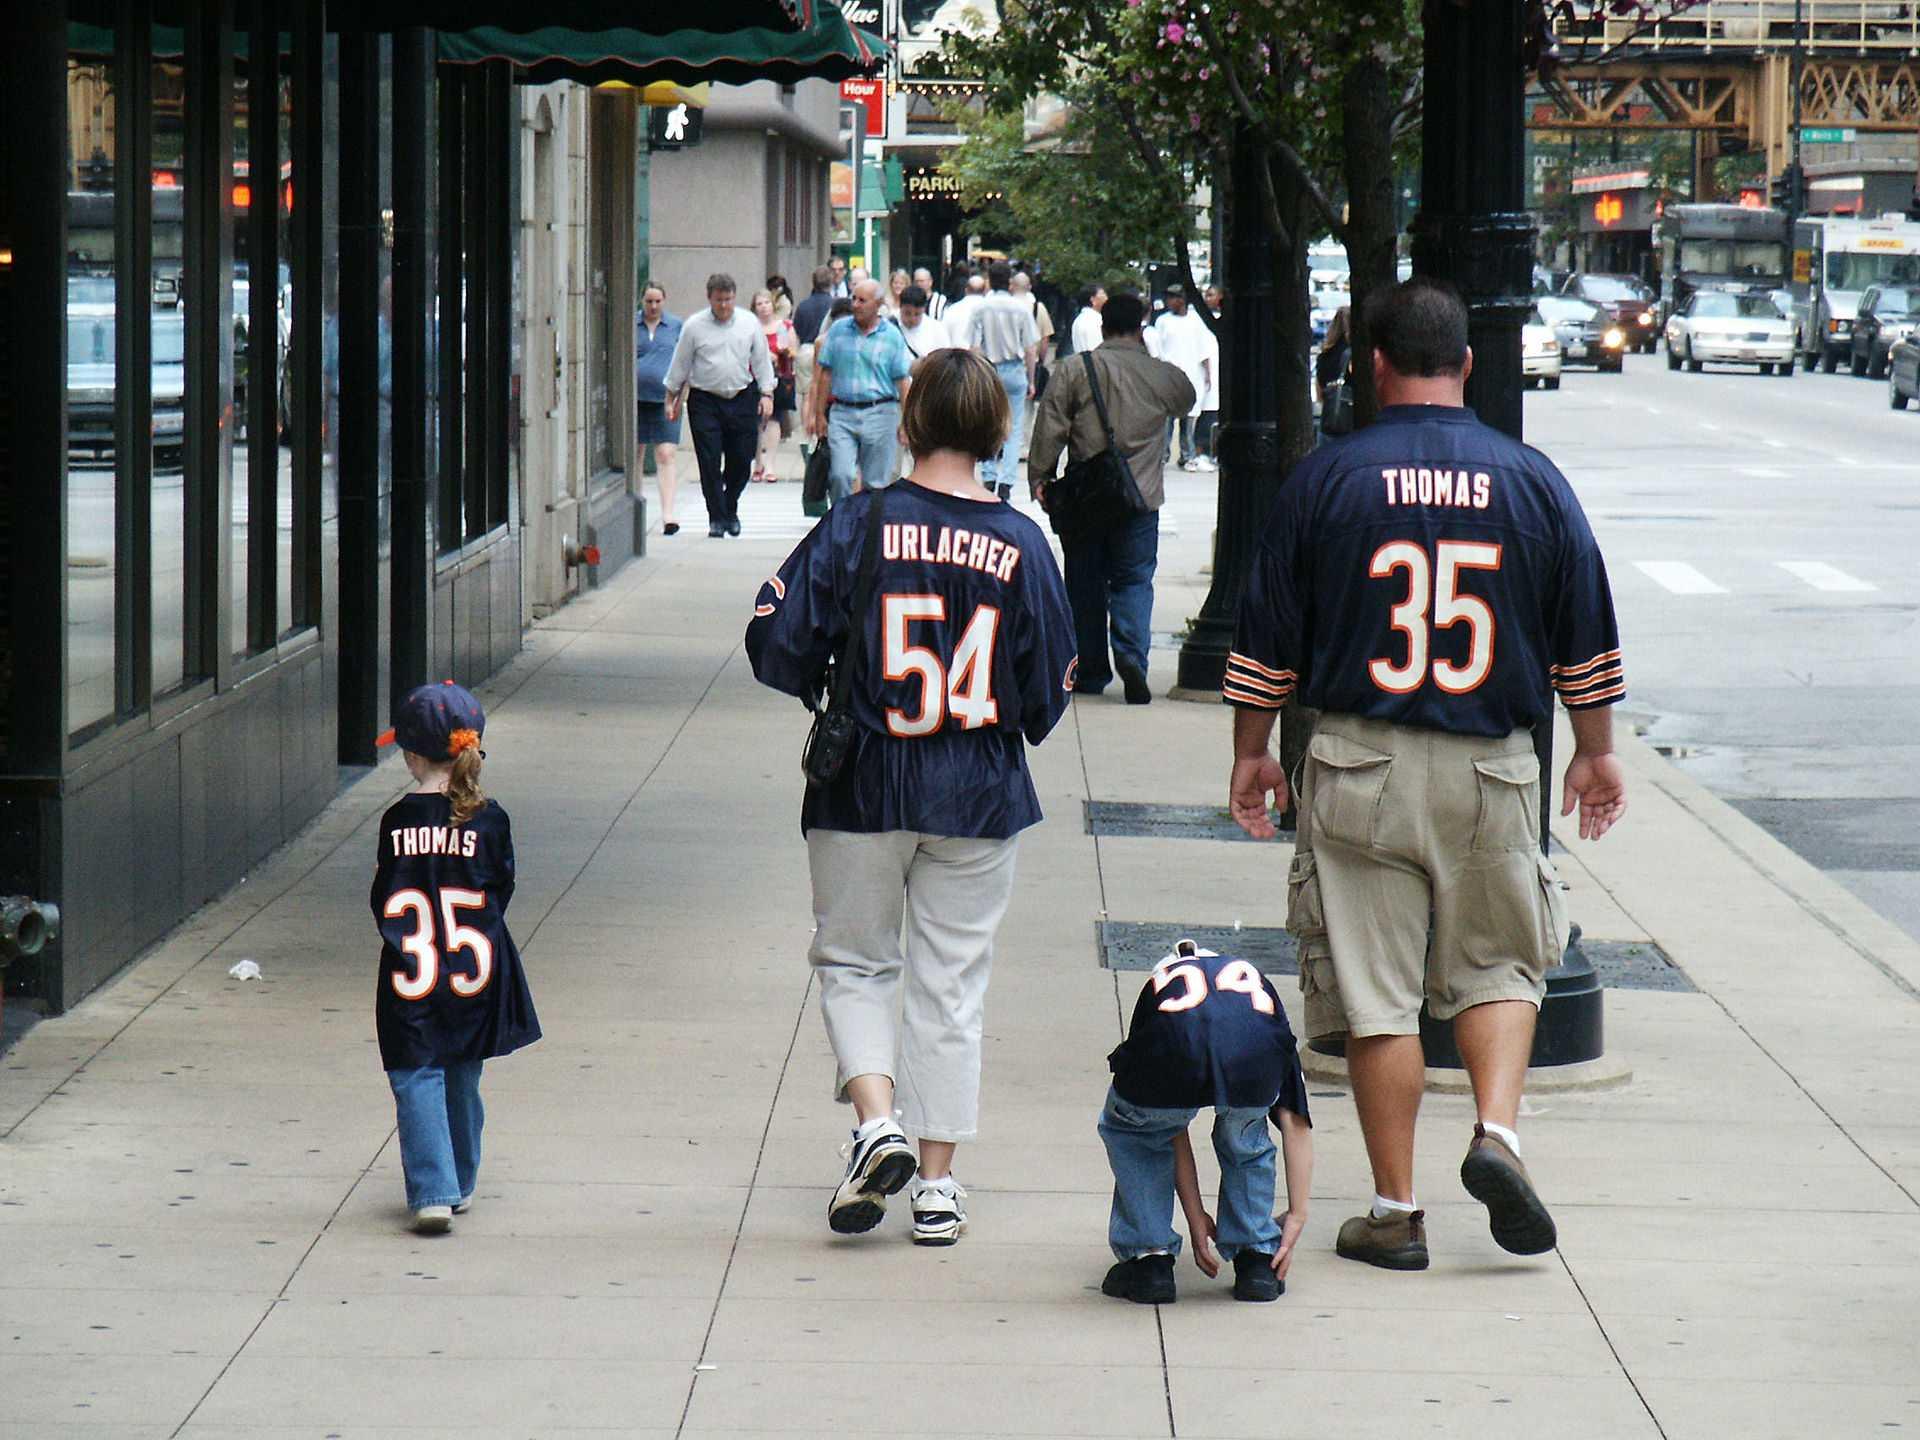 Bears fans walking downtown. Image taken from Wikimedia Commons.